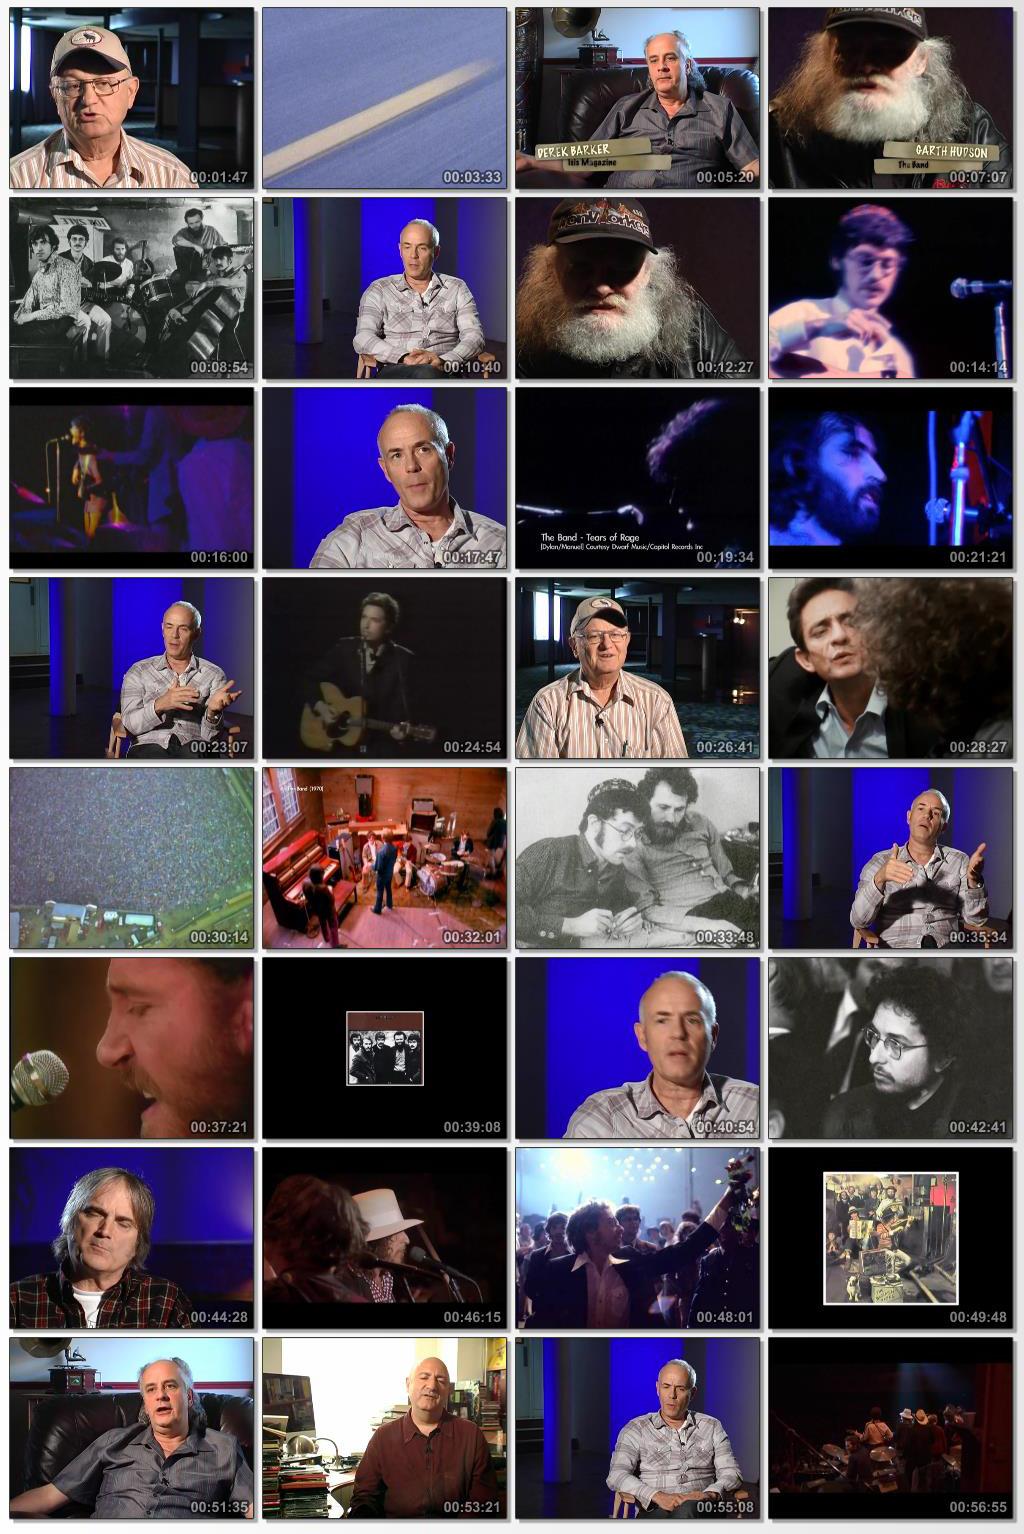 مستند زیبا وجدید باب دیلن و گروهش در سیل